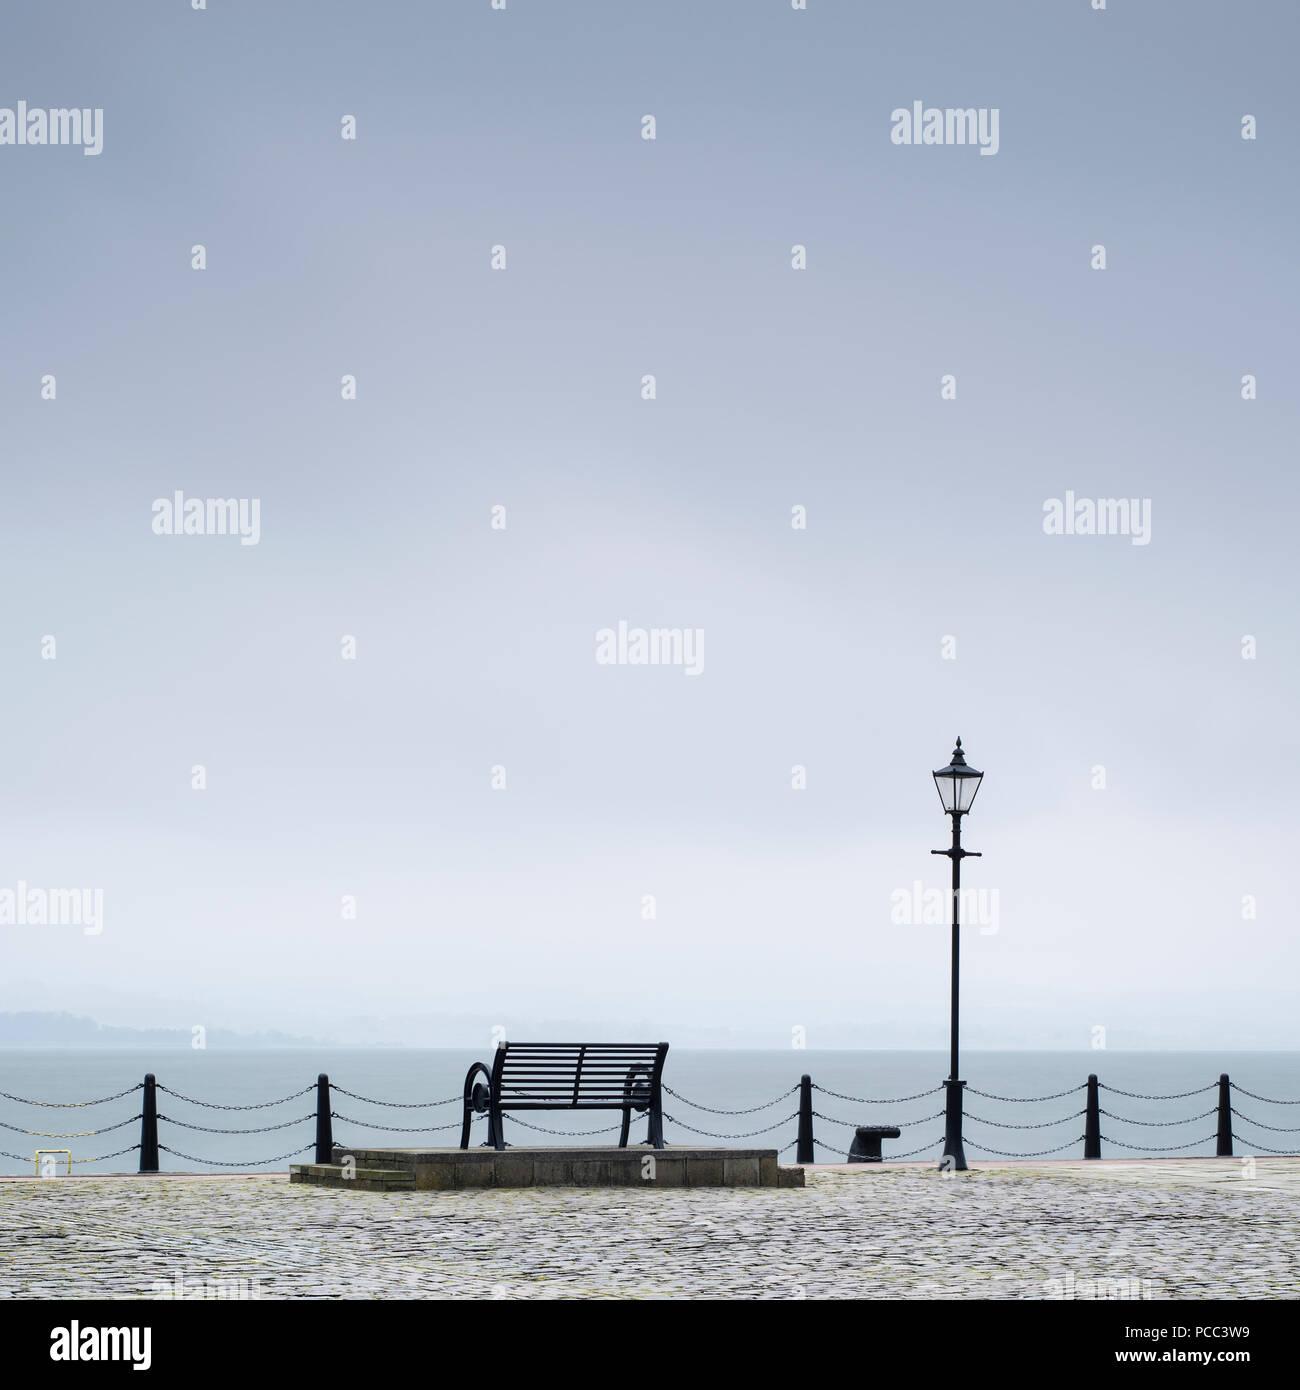 Banqueta vacía solitaria costa del mar tranquilo mindfulness vista escena Imagen De Stock